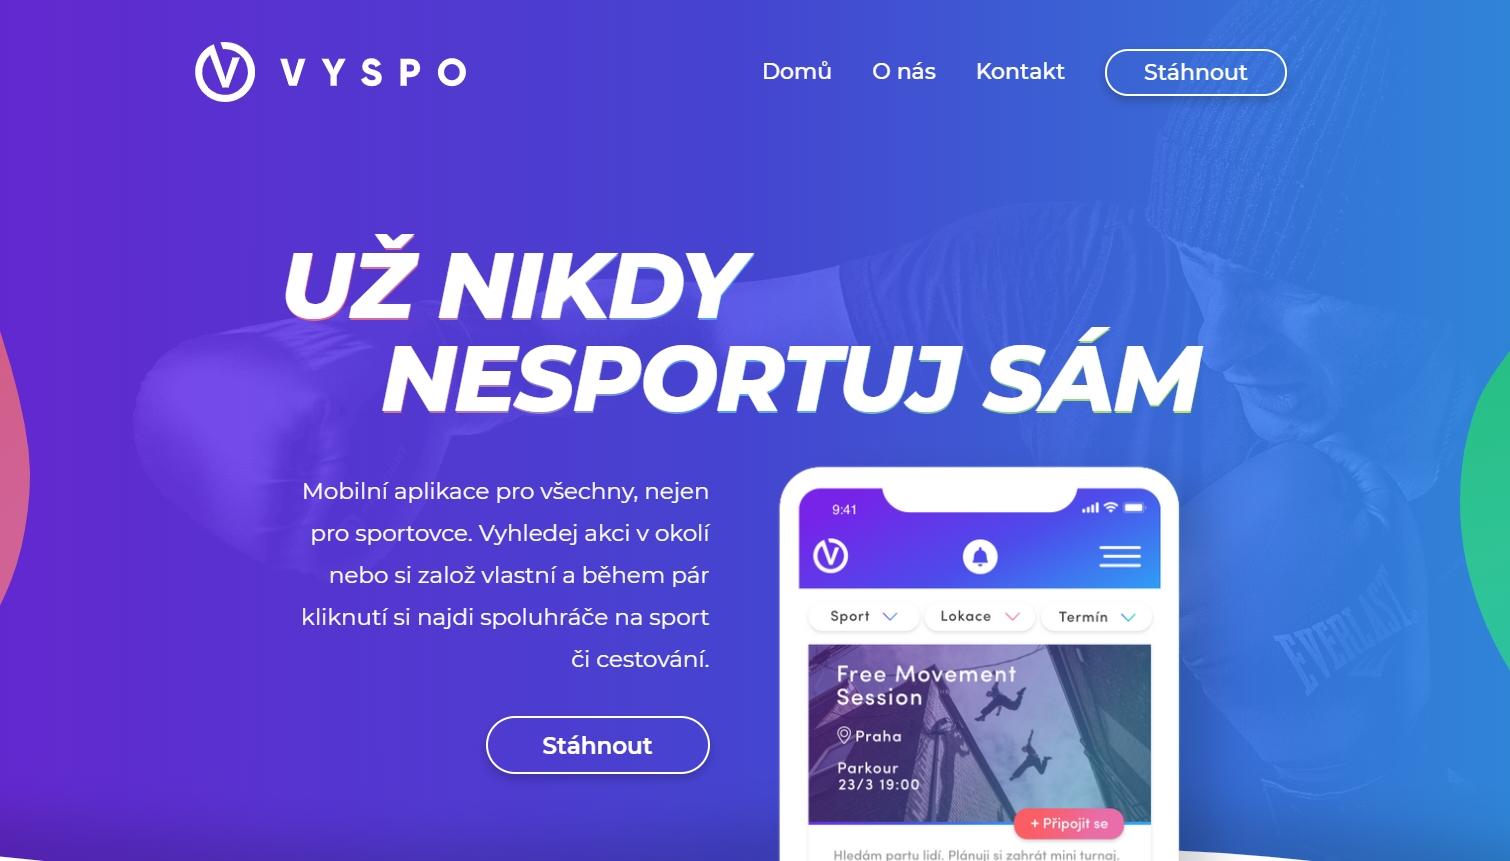 Najděte nové kamarády na sport díky české aplikace Vyspo